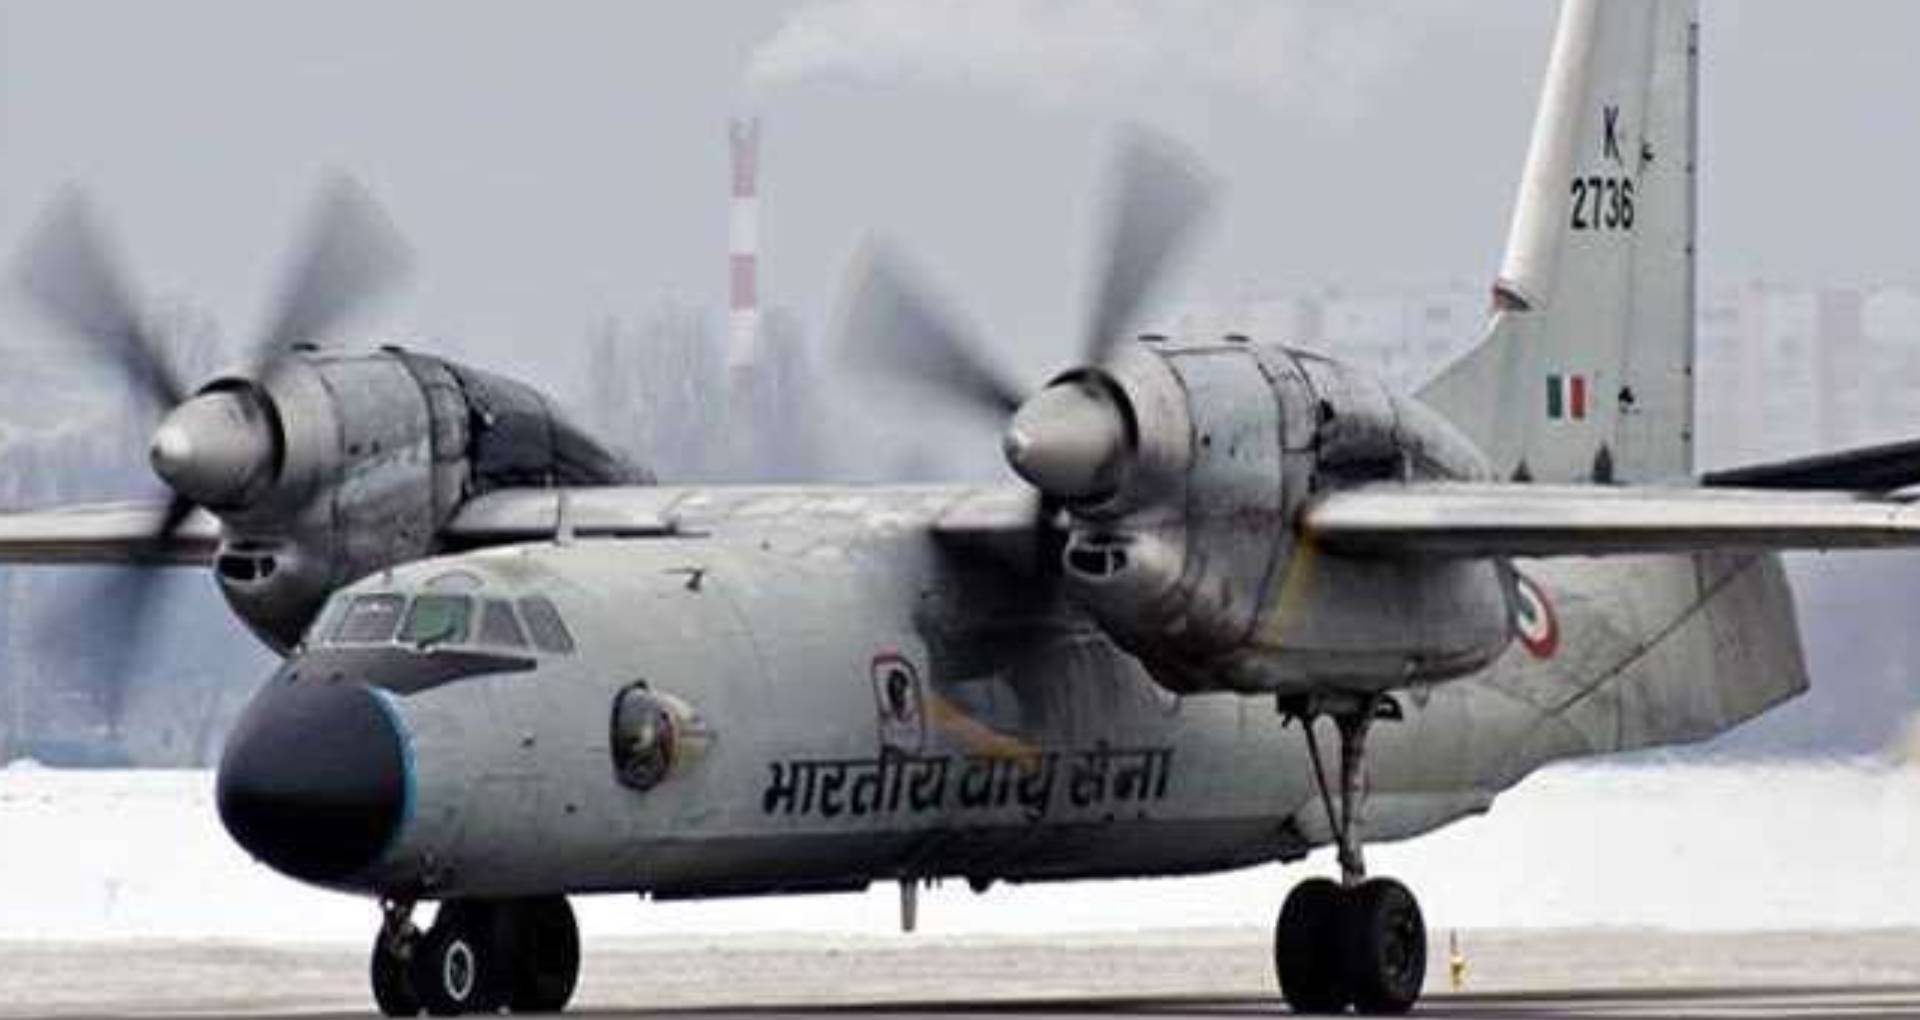 लापता विमान AN-32 का आठ दिन बाद दिखा मलबा, मलबे तक पैदल पहुंचने में लगेंगे 2-3 दिन, IAF ने बनाई ये प्लानिंग